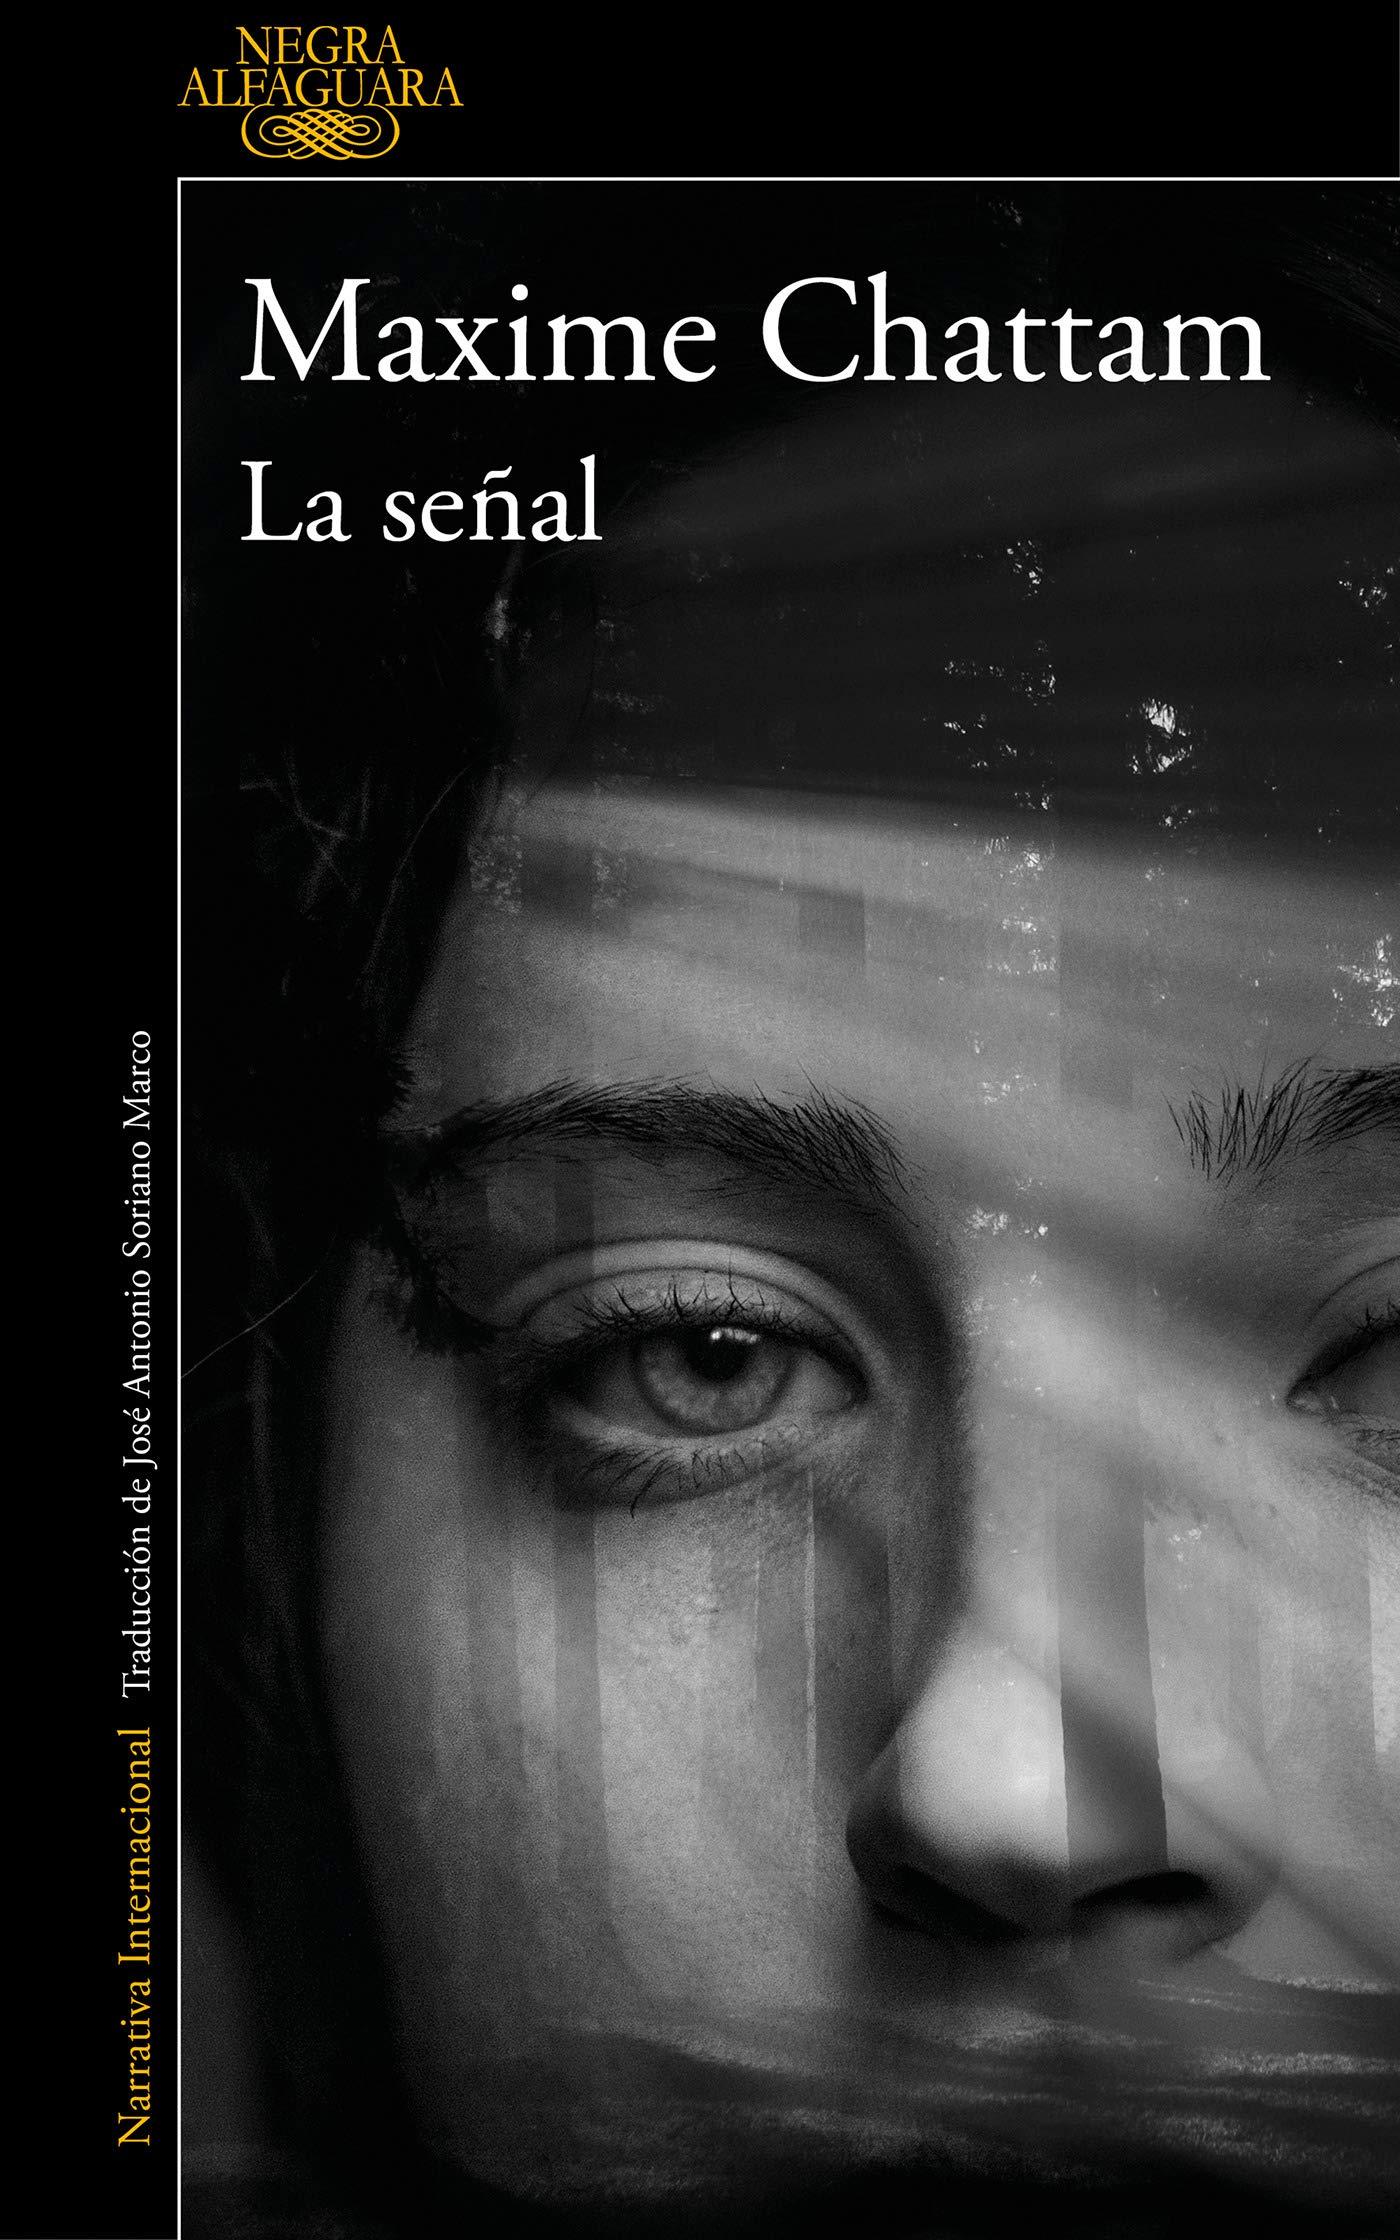 La señal (ALFAGUARA NEGRA): Amazon.es: Maxime Chattam, José Antonio Soriano  Marco;: Libros